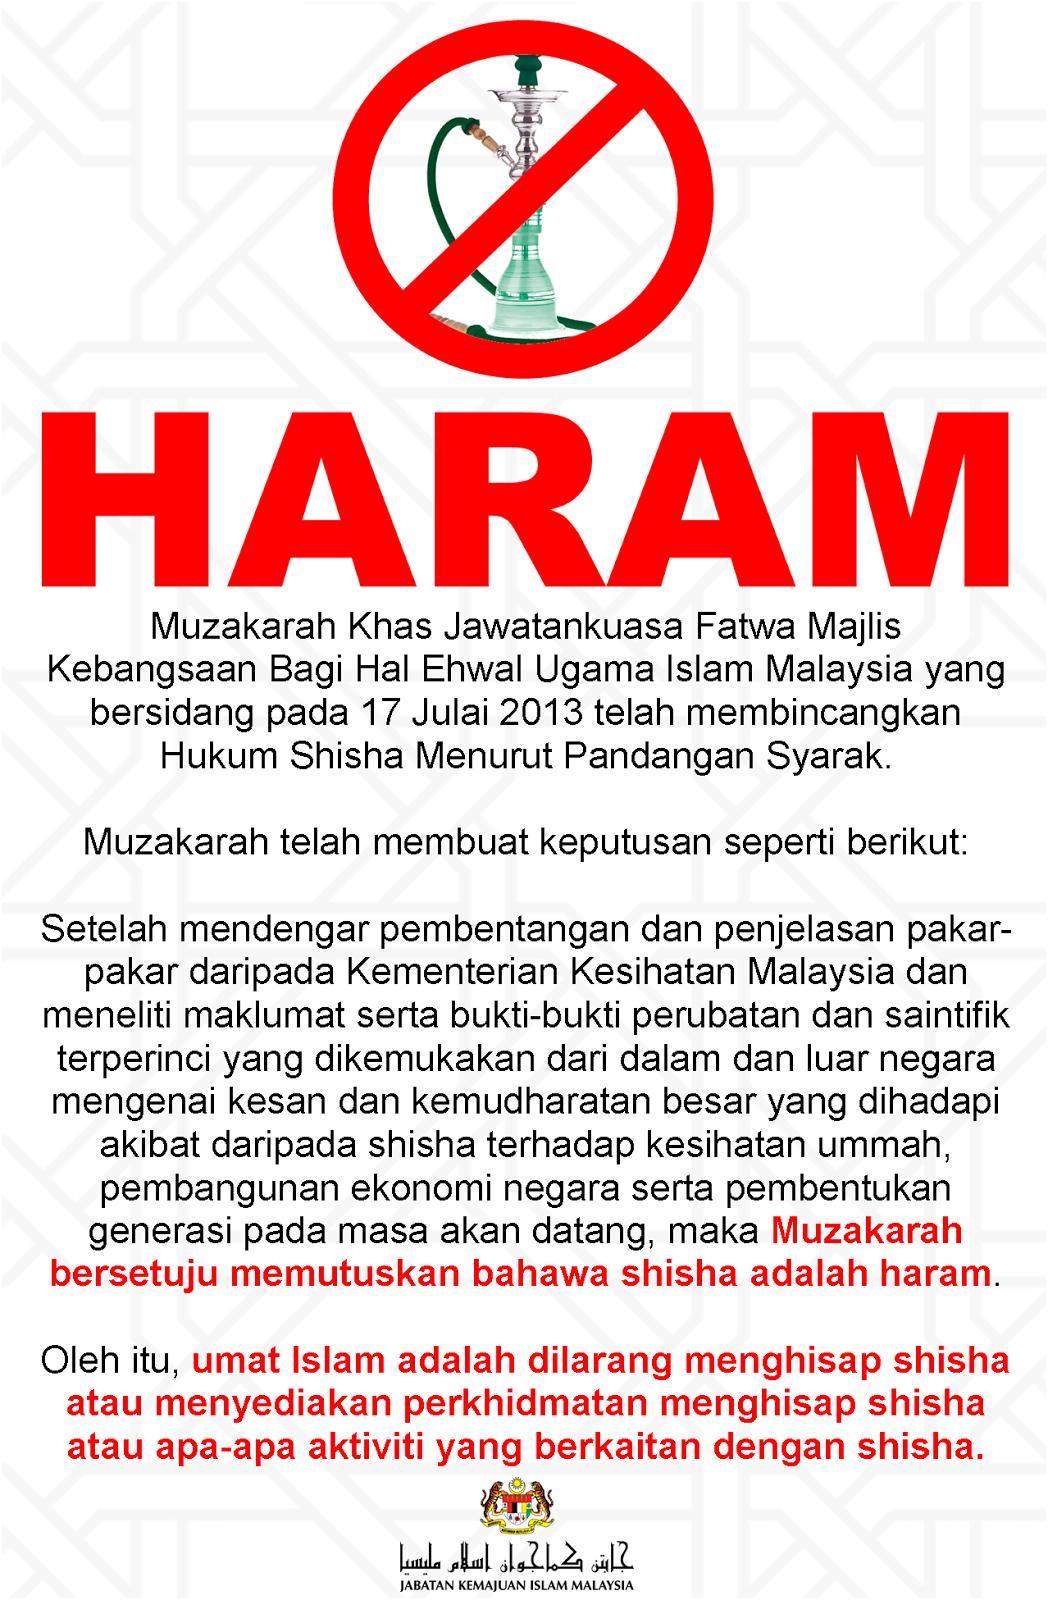 Forex haram fatwa kebangsaan